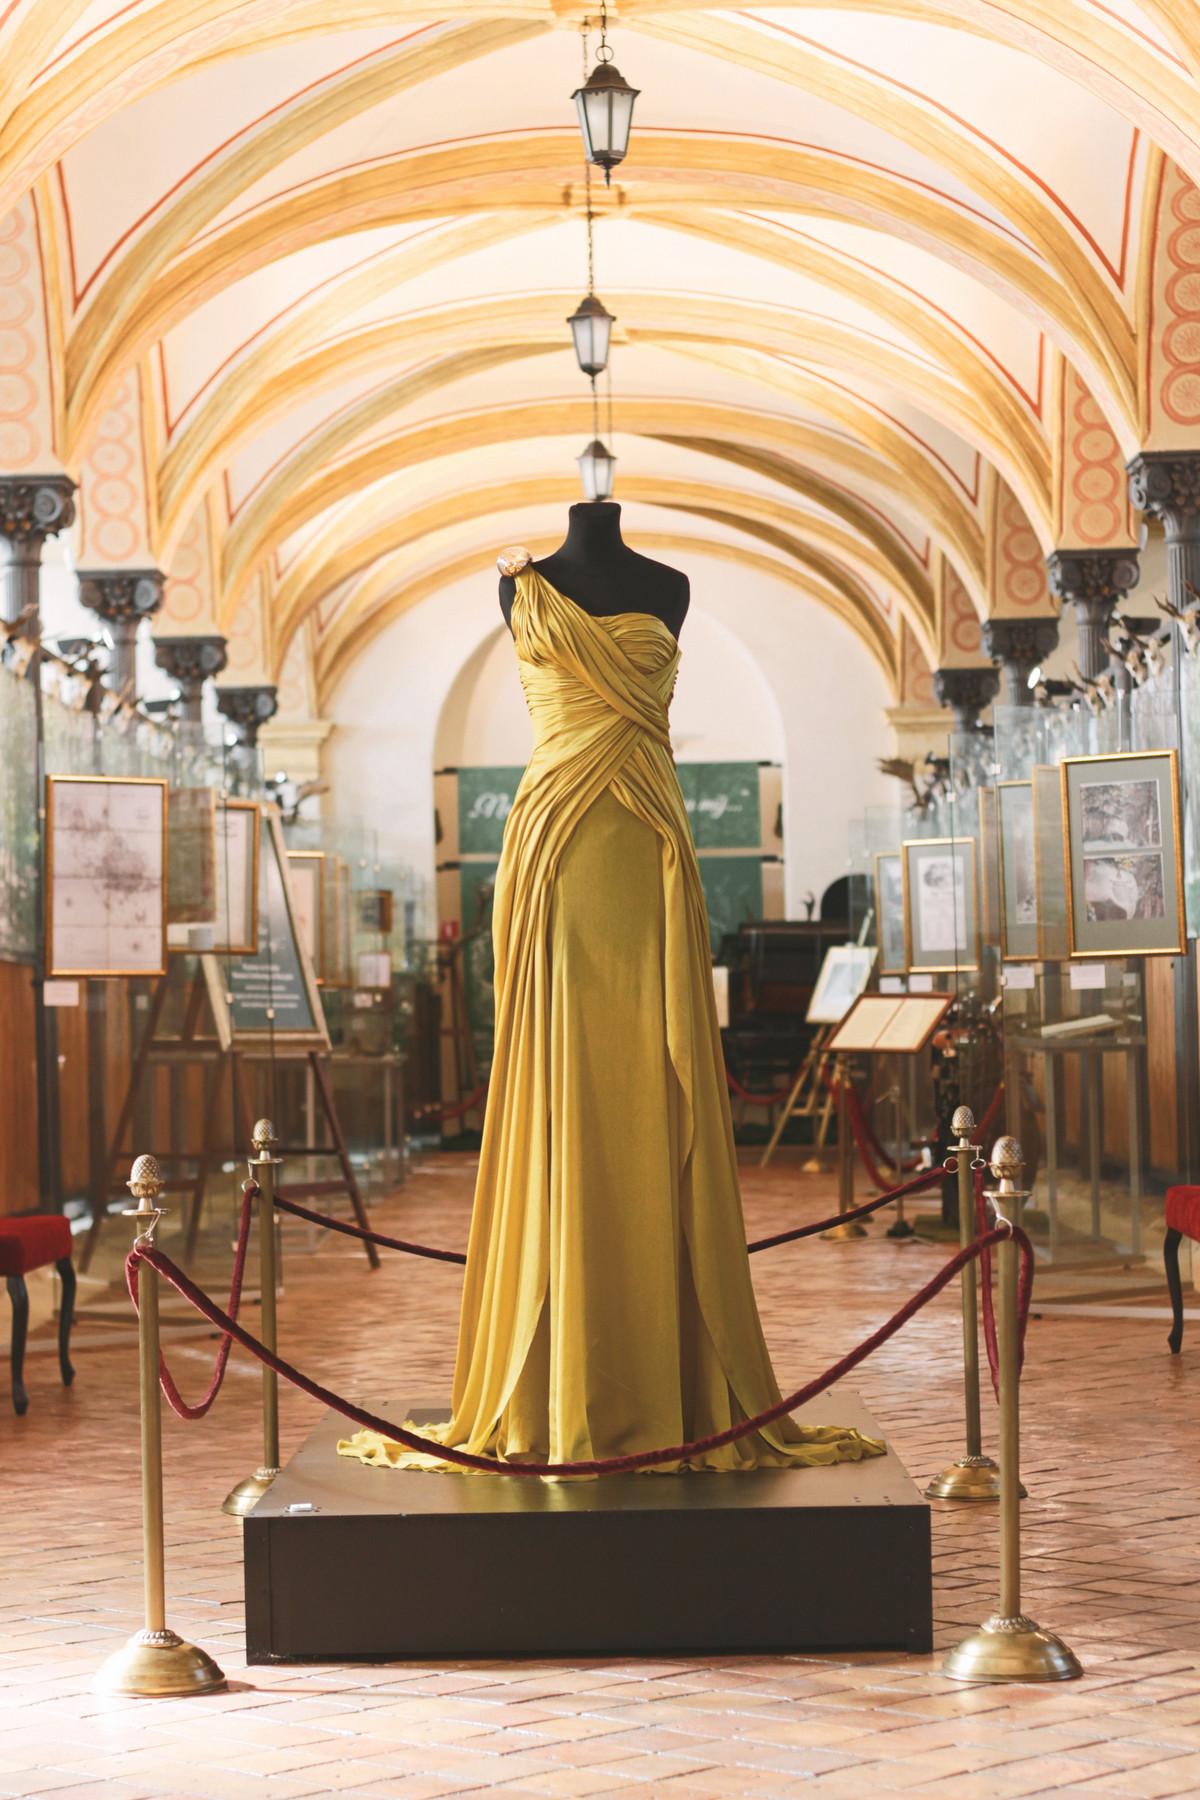 Dialogi w wyobrazni - wystawa mody Pszczyna